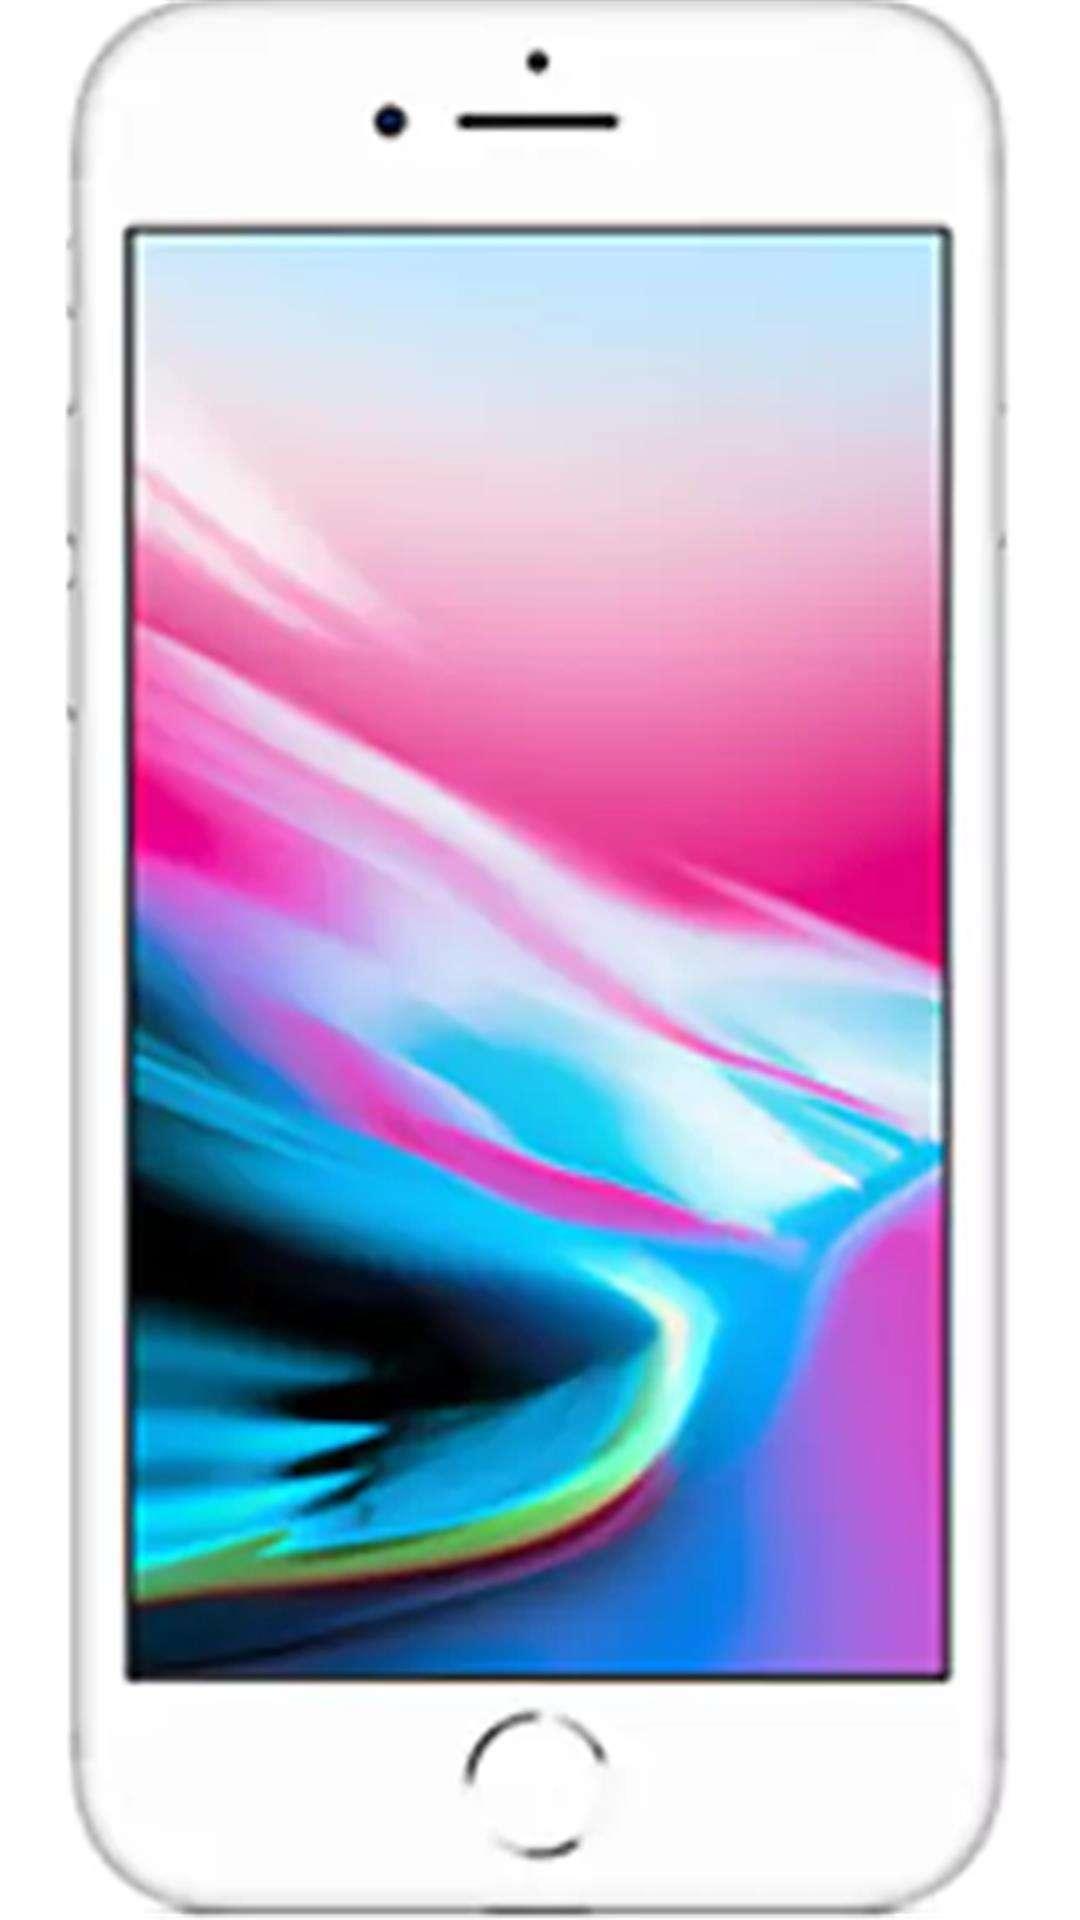 एप्पल आईफ़ोन 8 64 जीबी (सिल्वर)